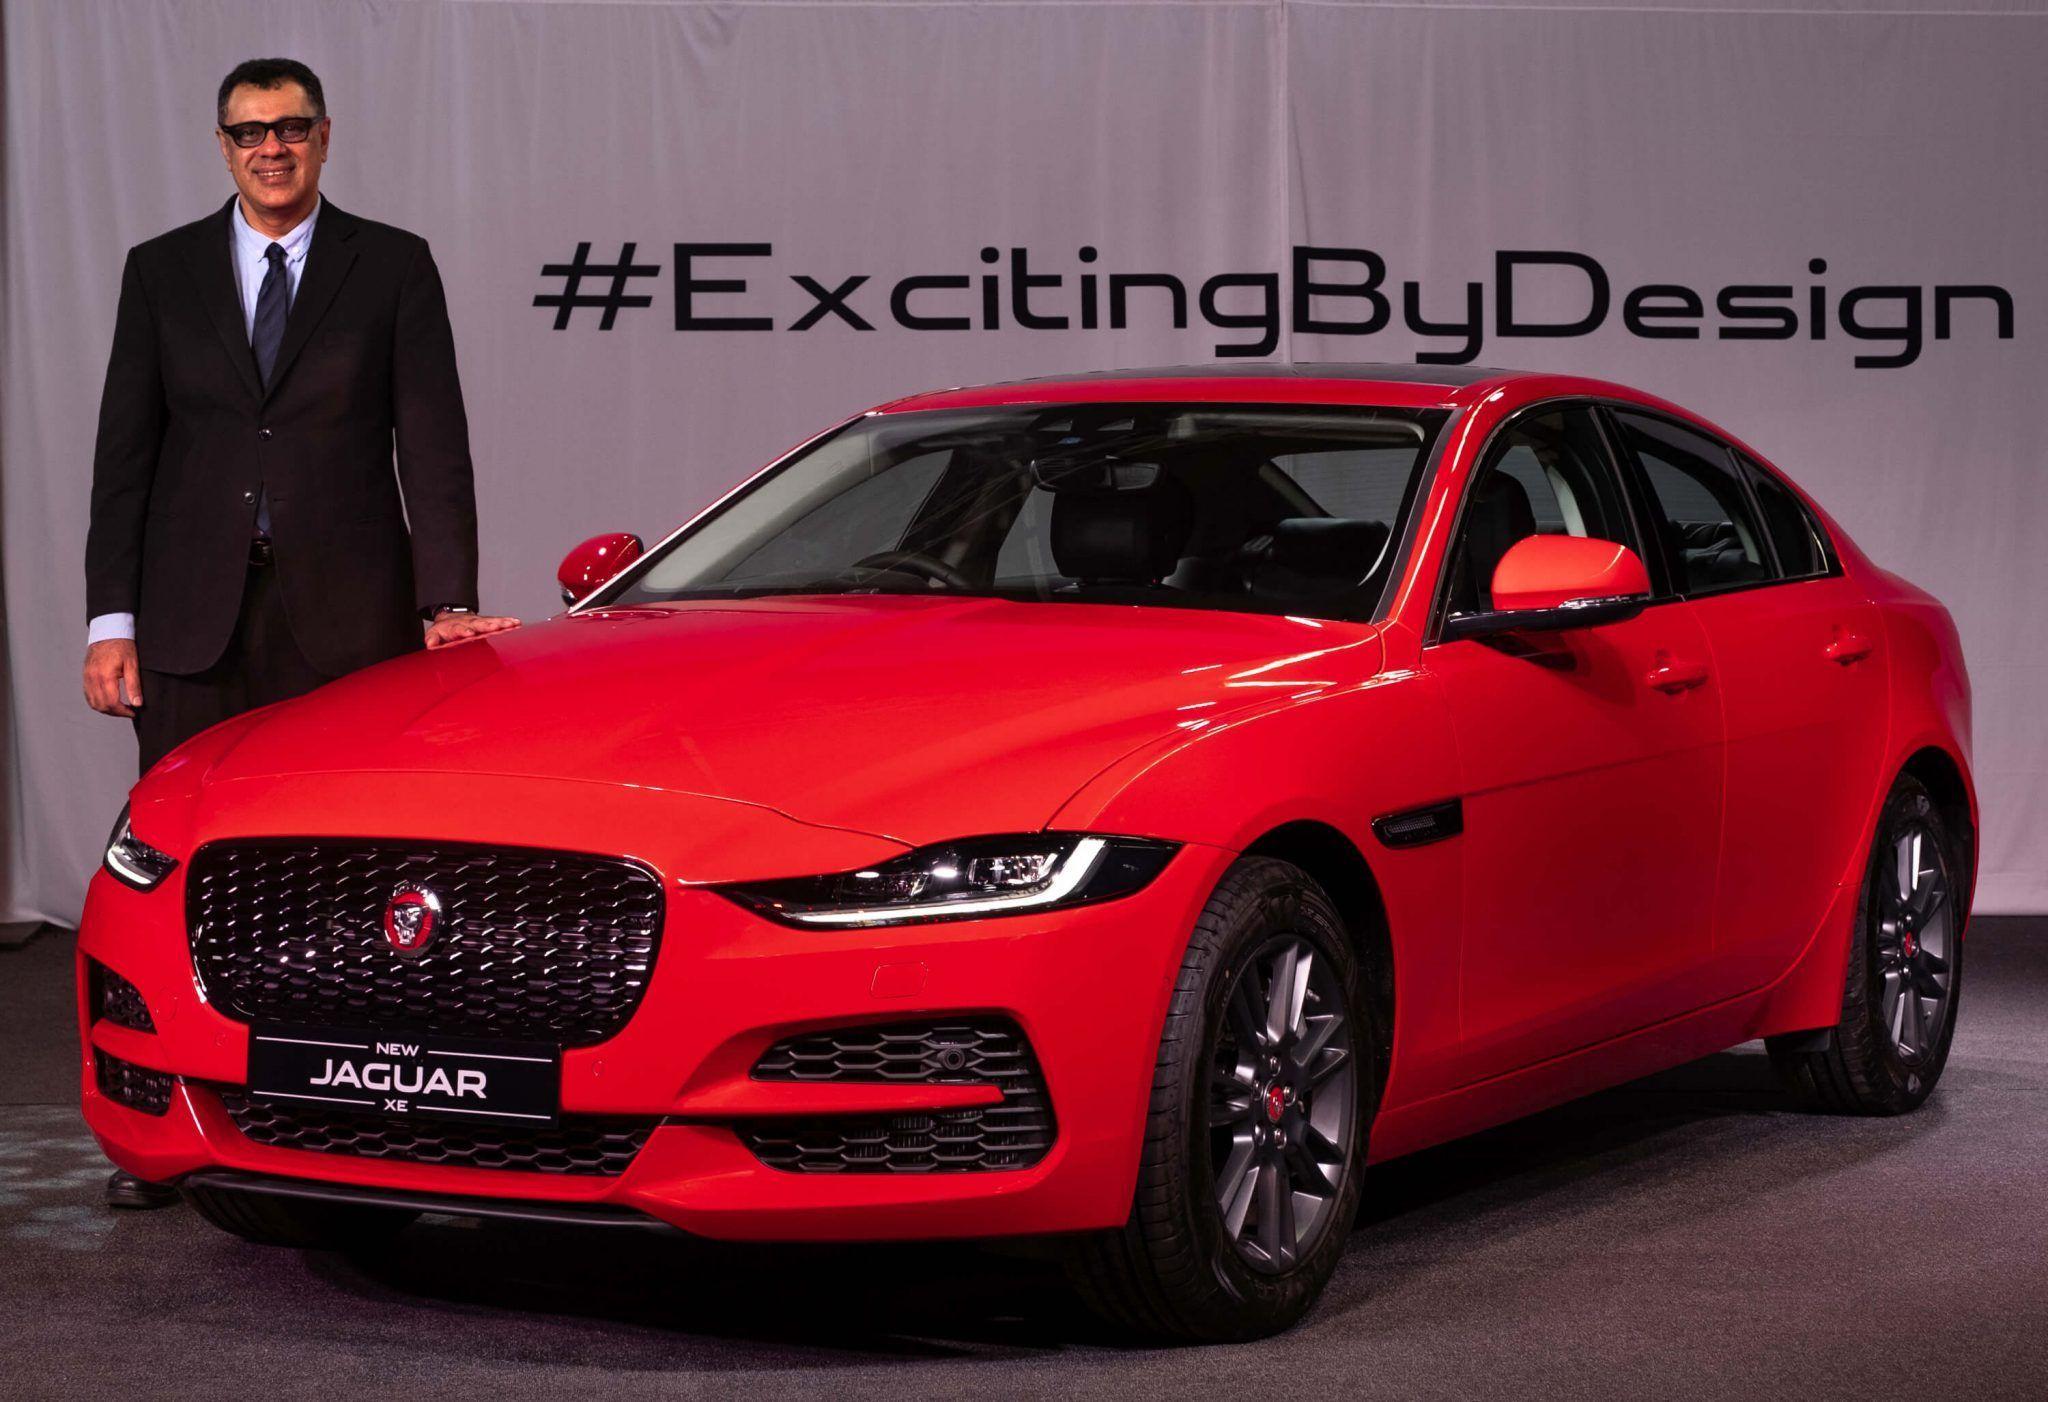 2021 jaguar xe release date in 2020  jaguar xe tata